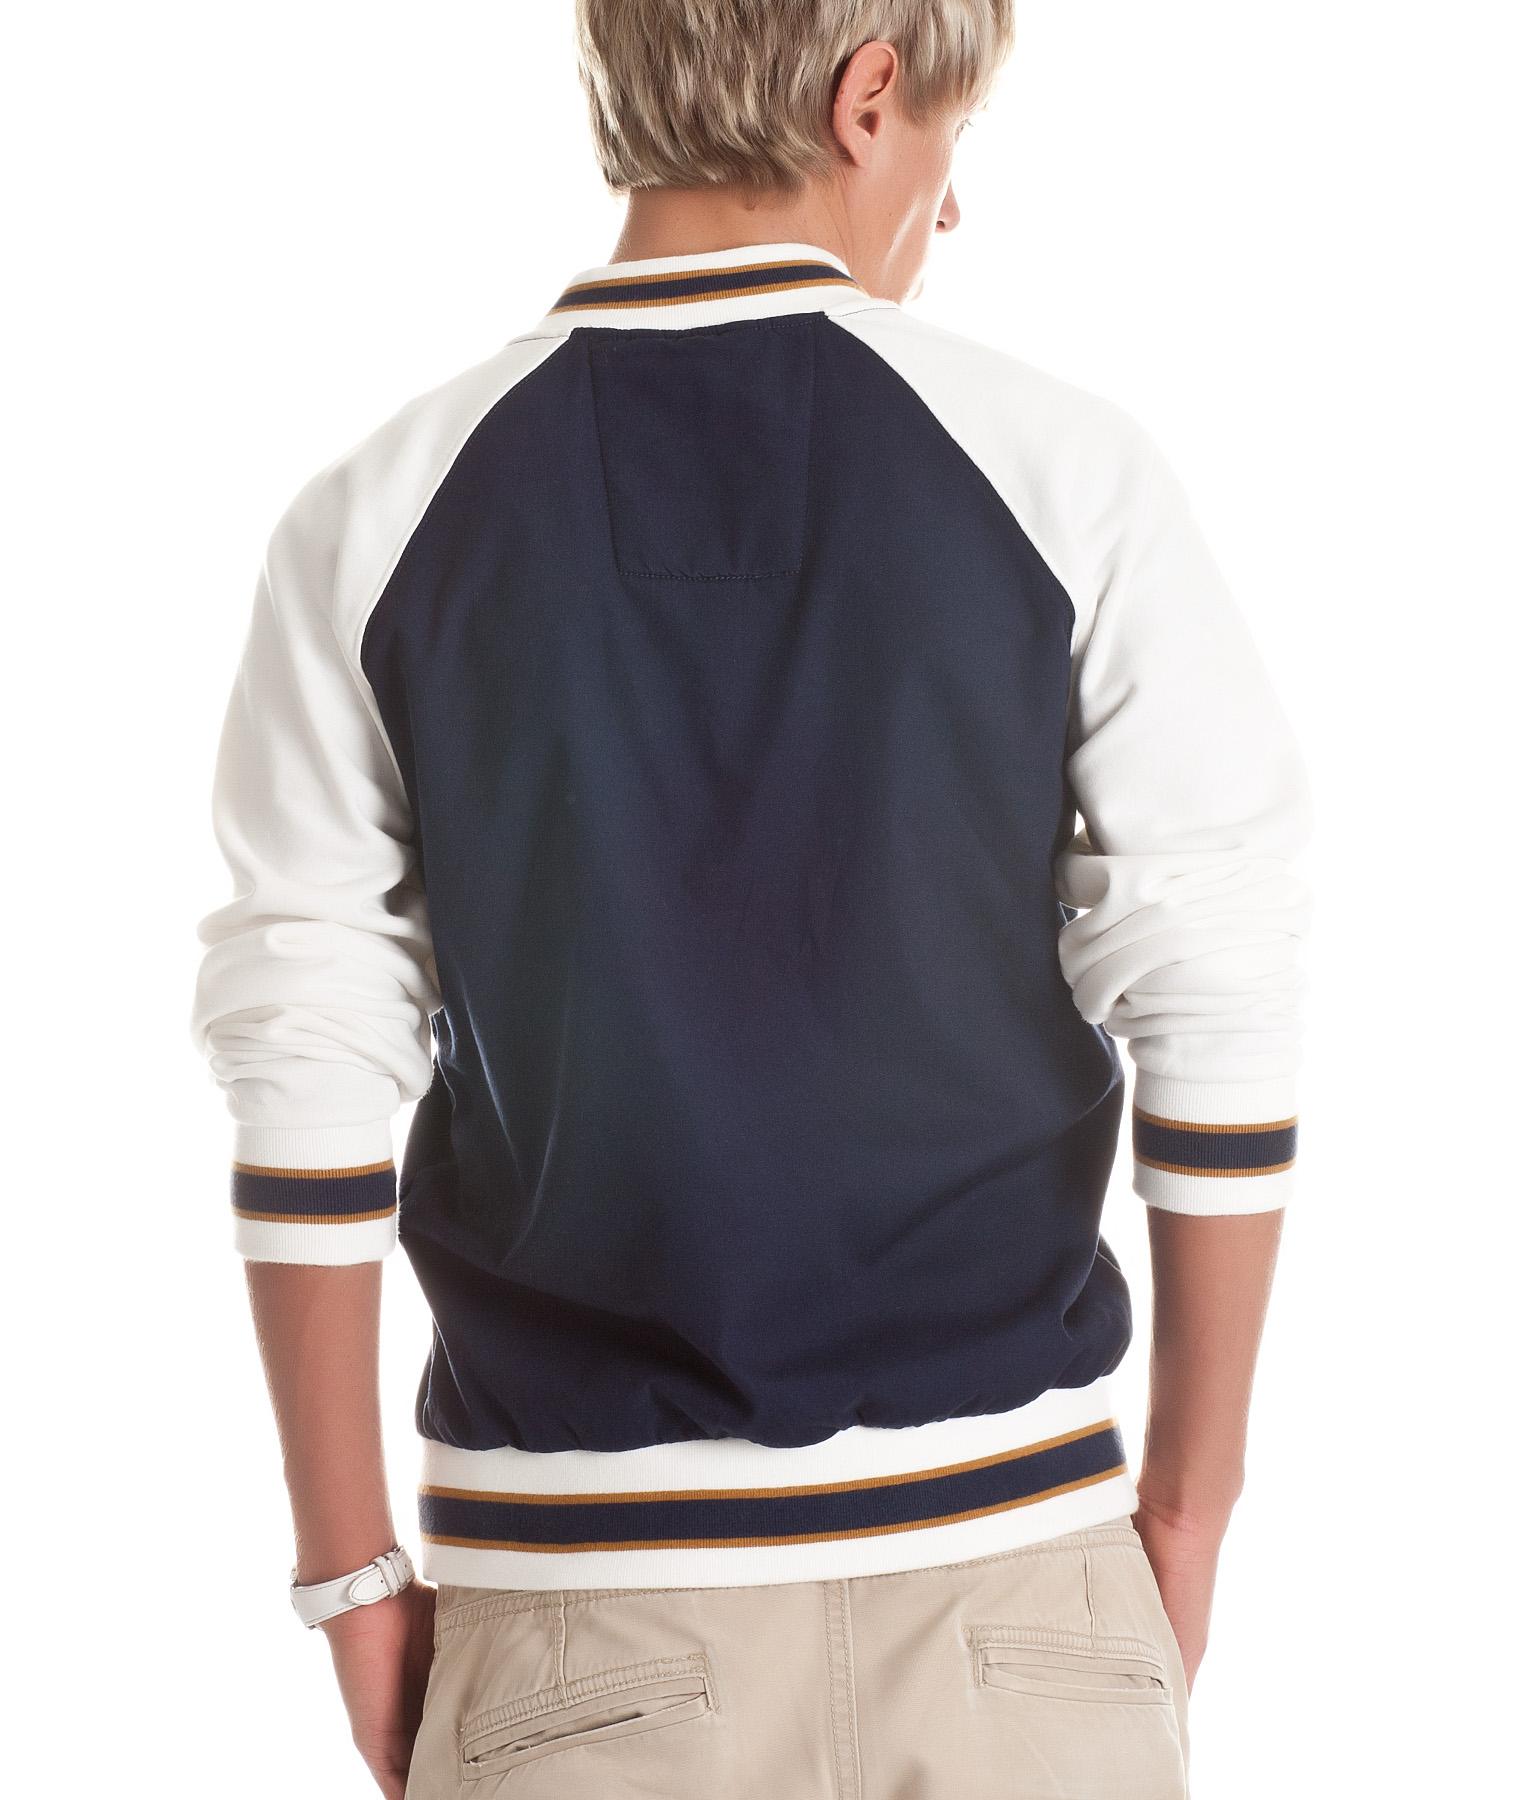 55dsl herren jacke by diesel jeans 2012 star mod 4203 blau d g s m l. Black Bedroom Furniture Sets. Home Design Ideas